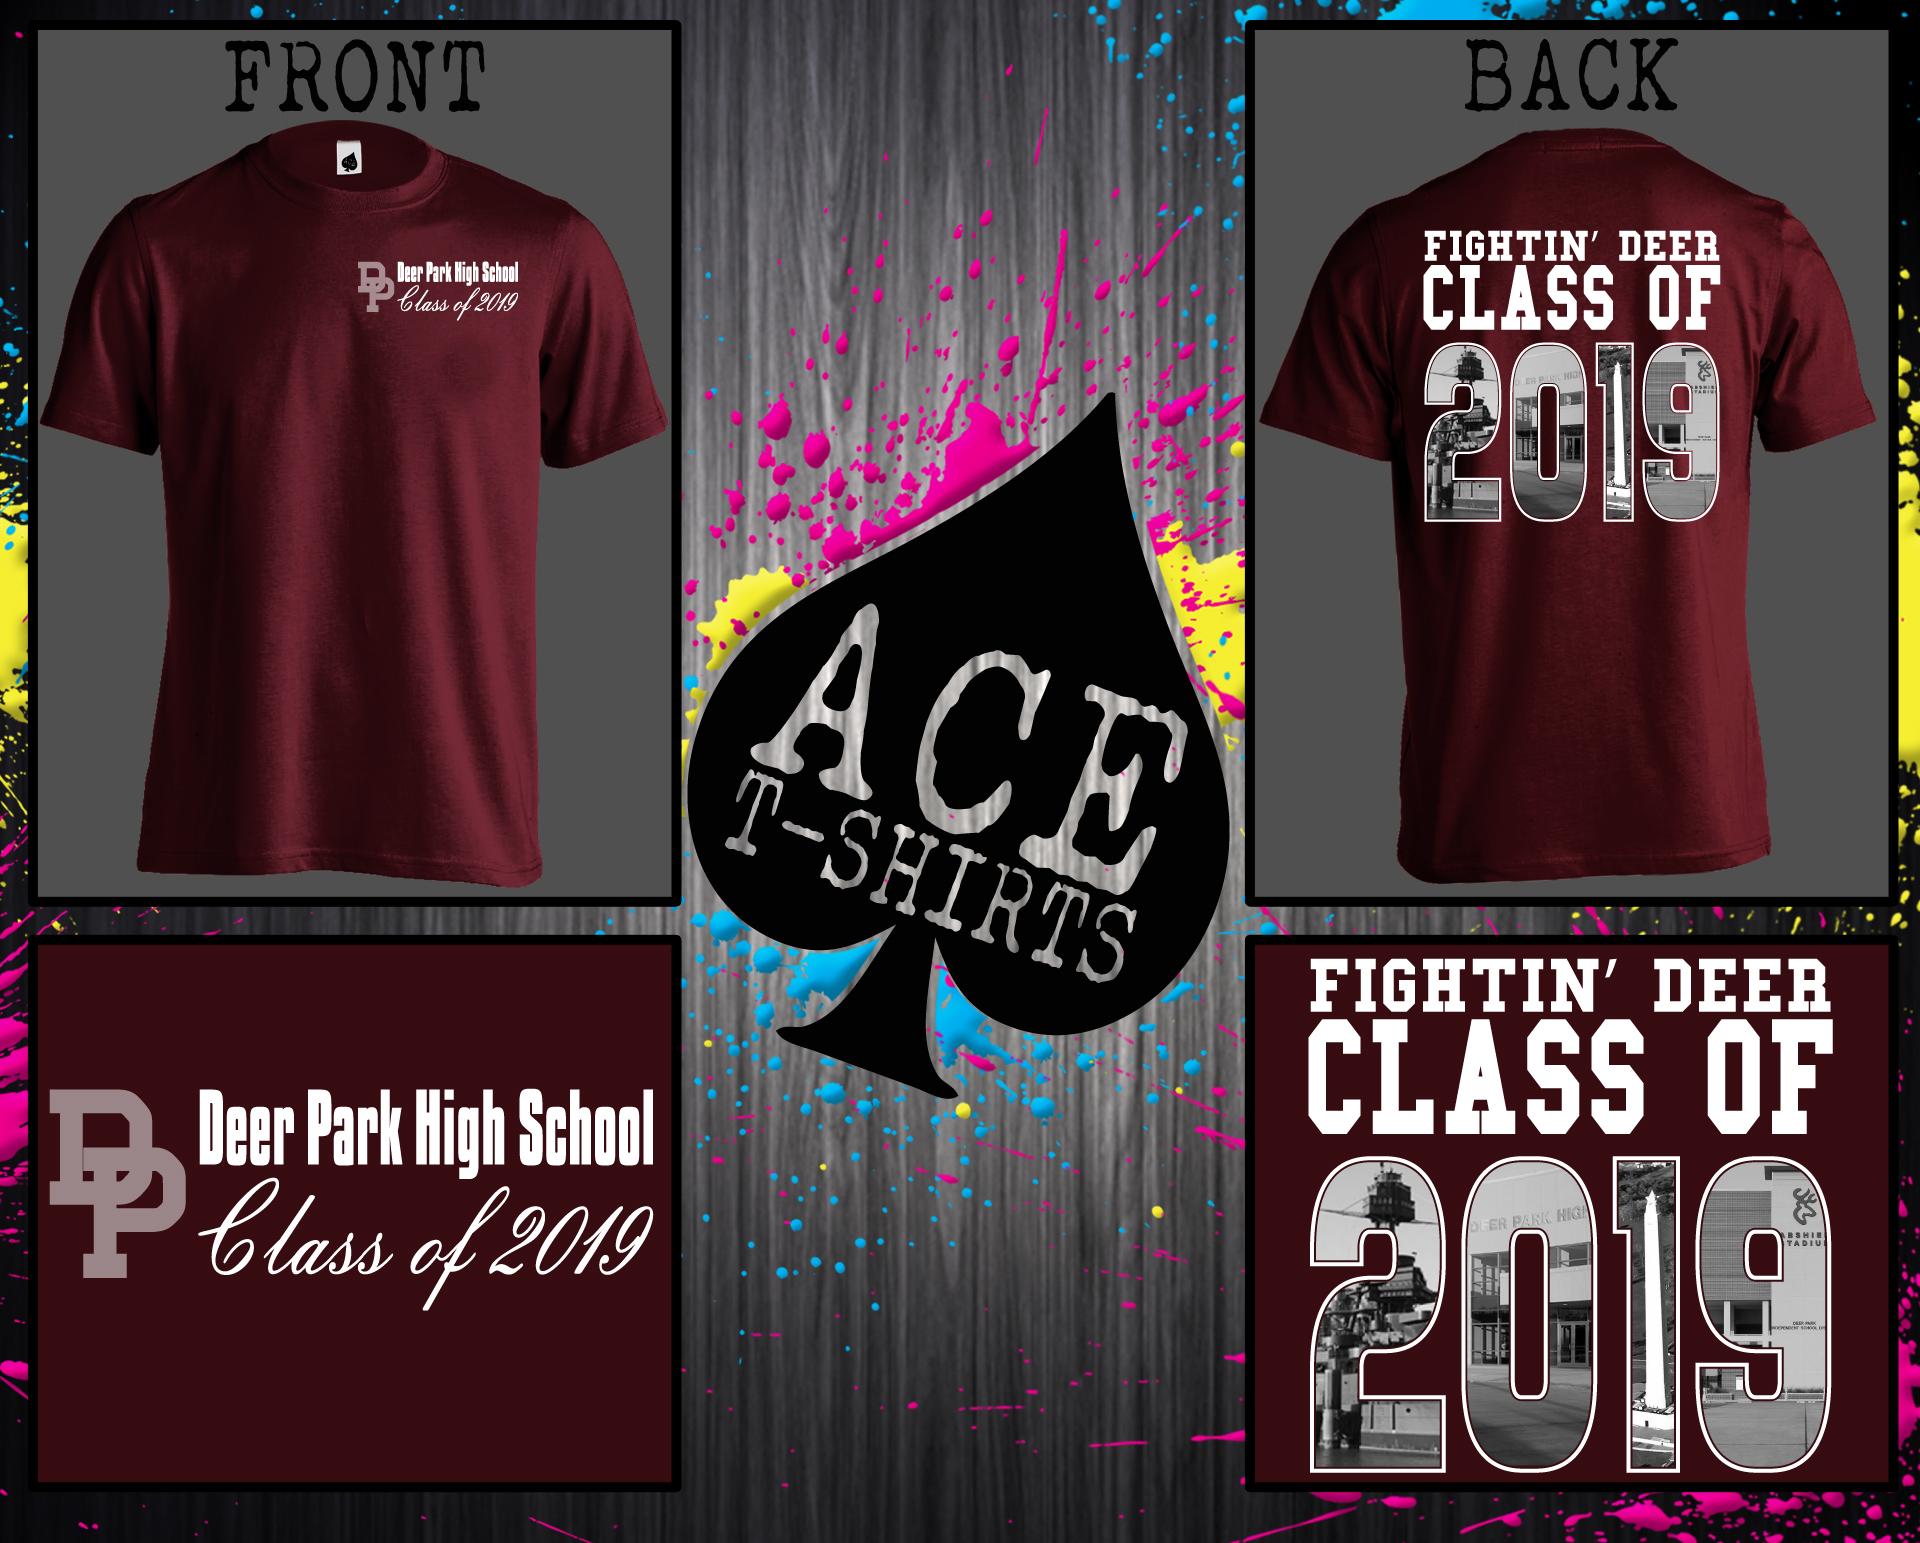 School Reunion Shirt Design Ideas